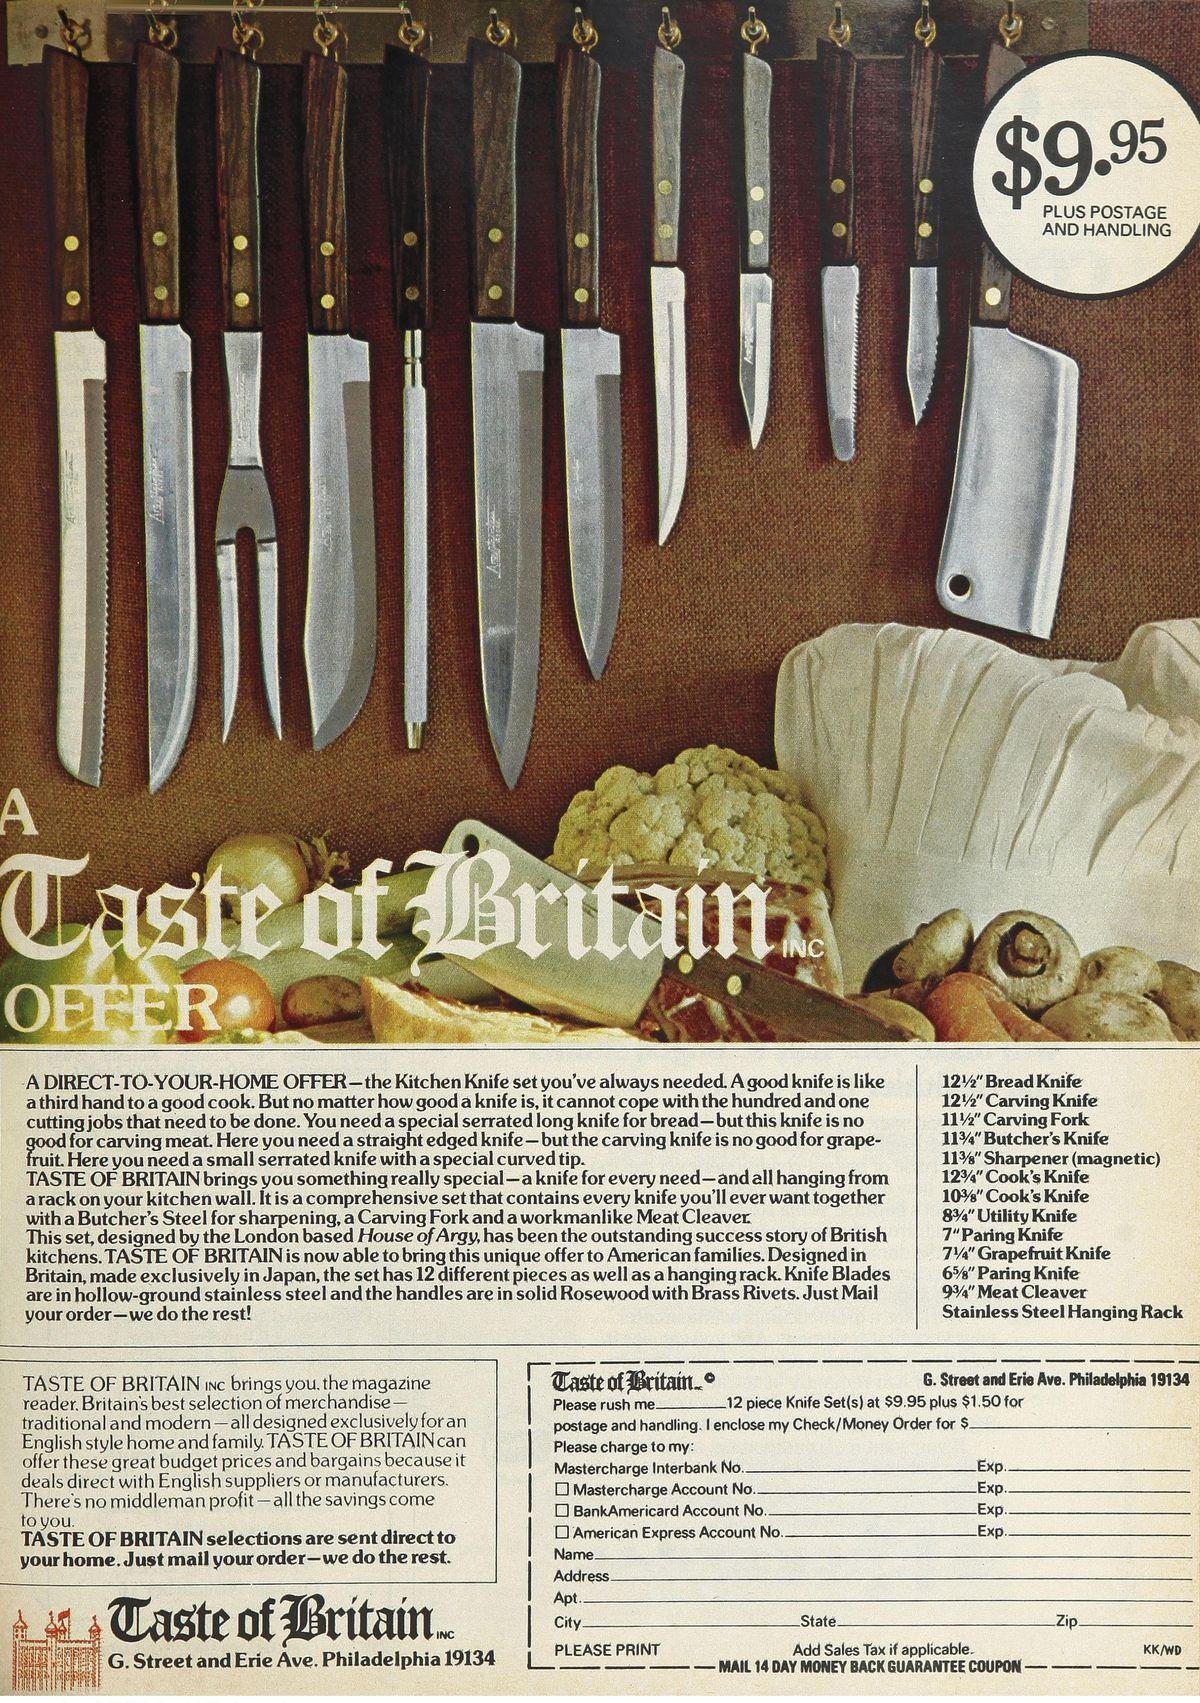 Vintage ad for A Taste of Britian knife sets